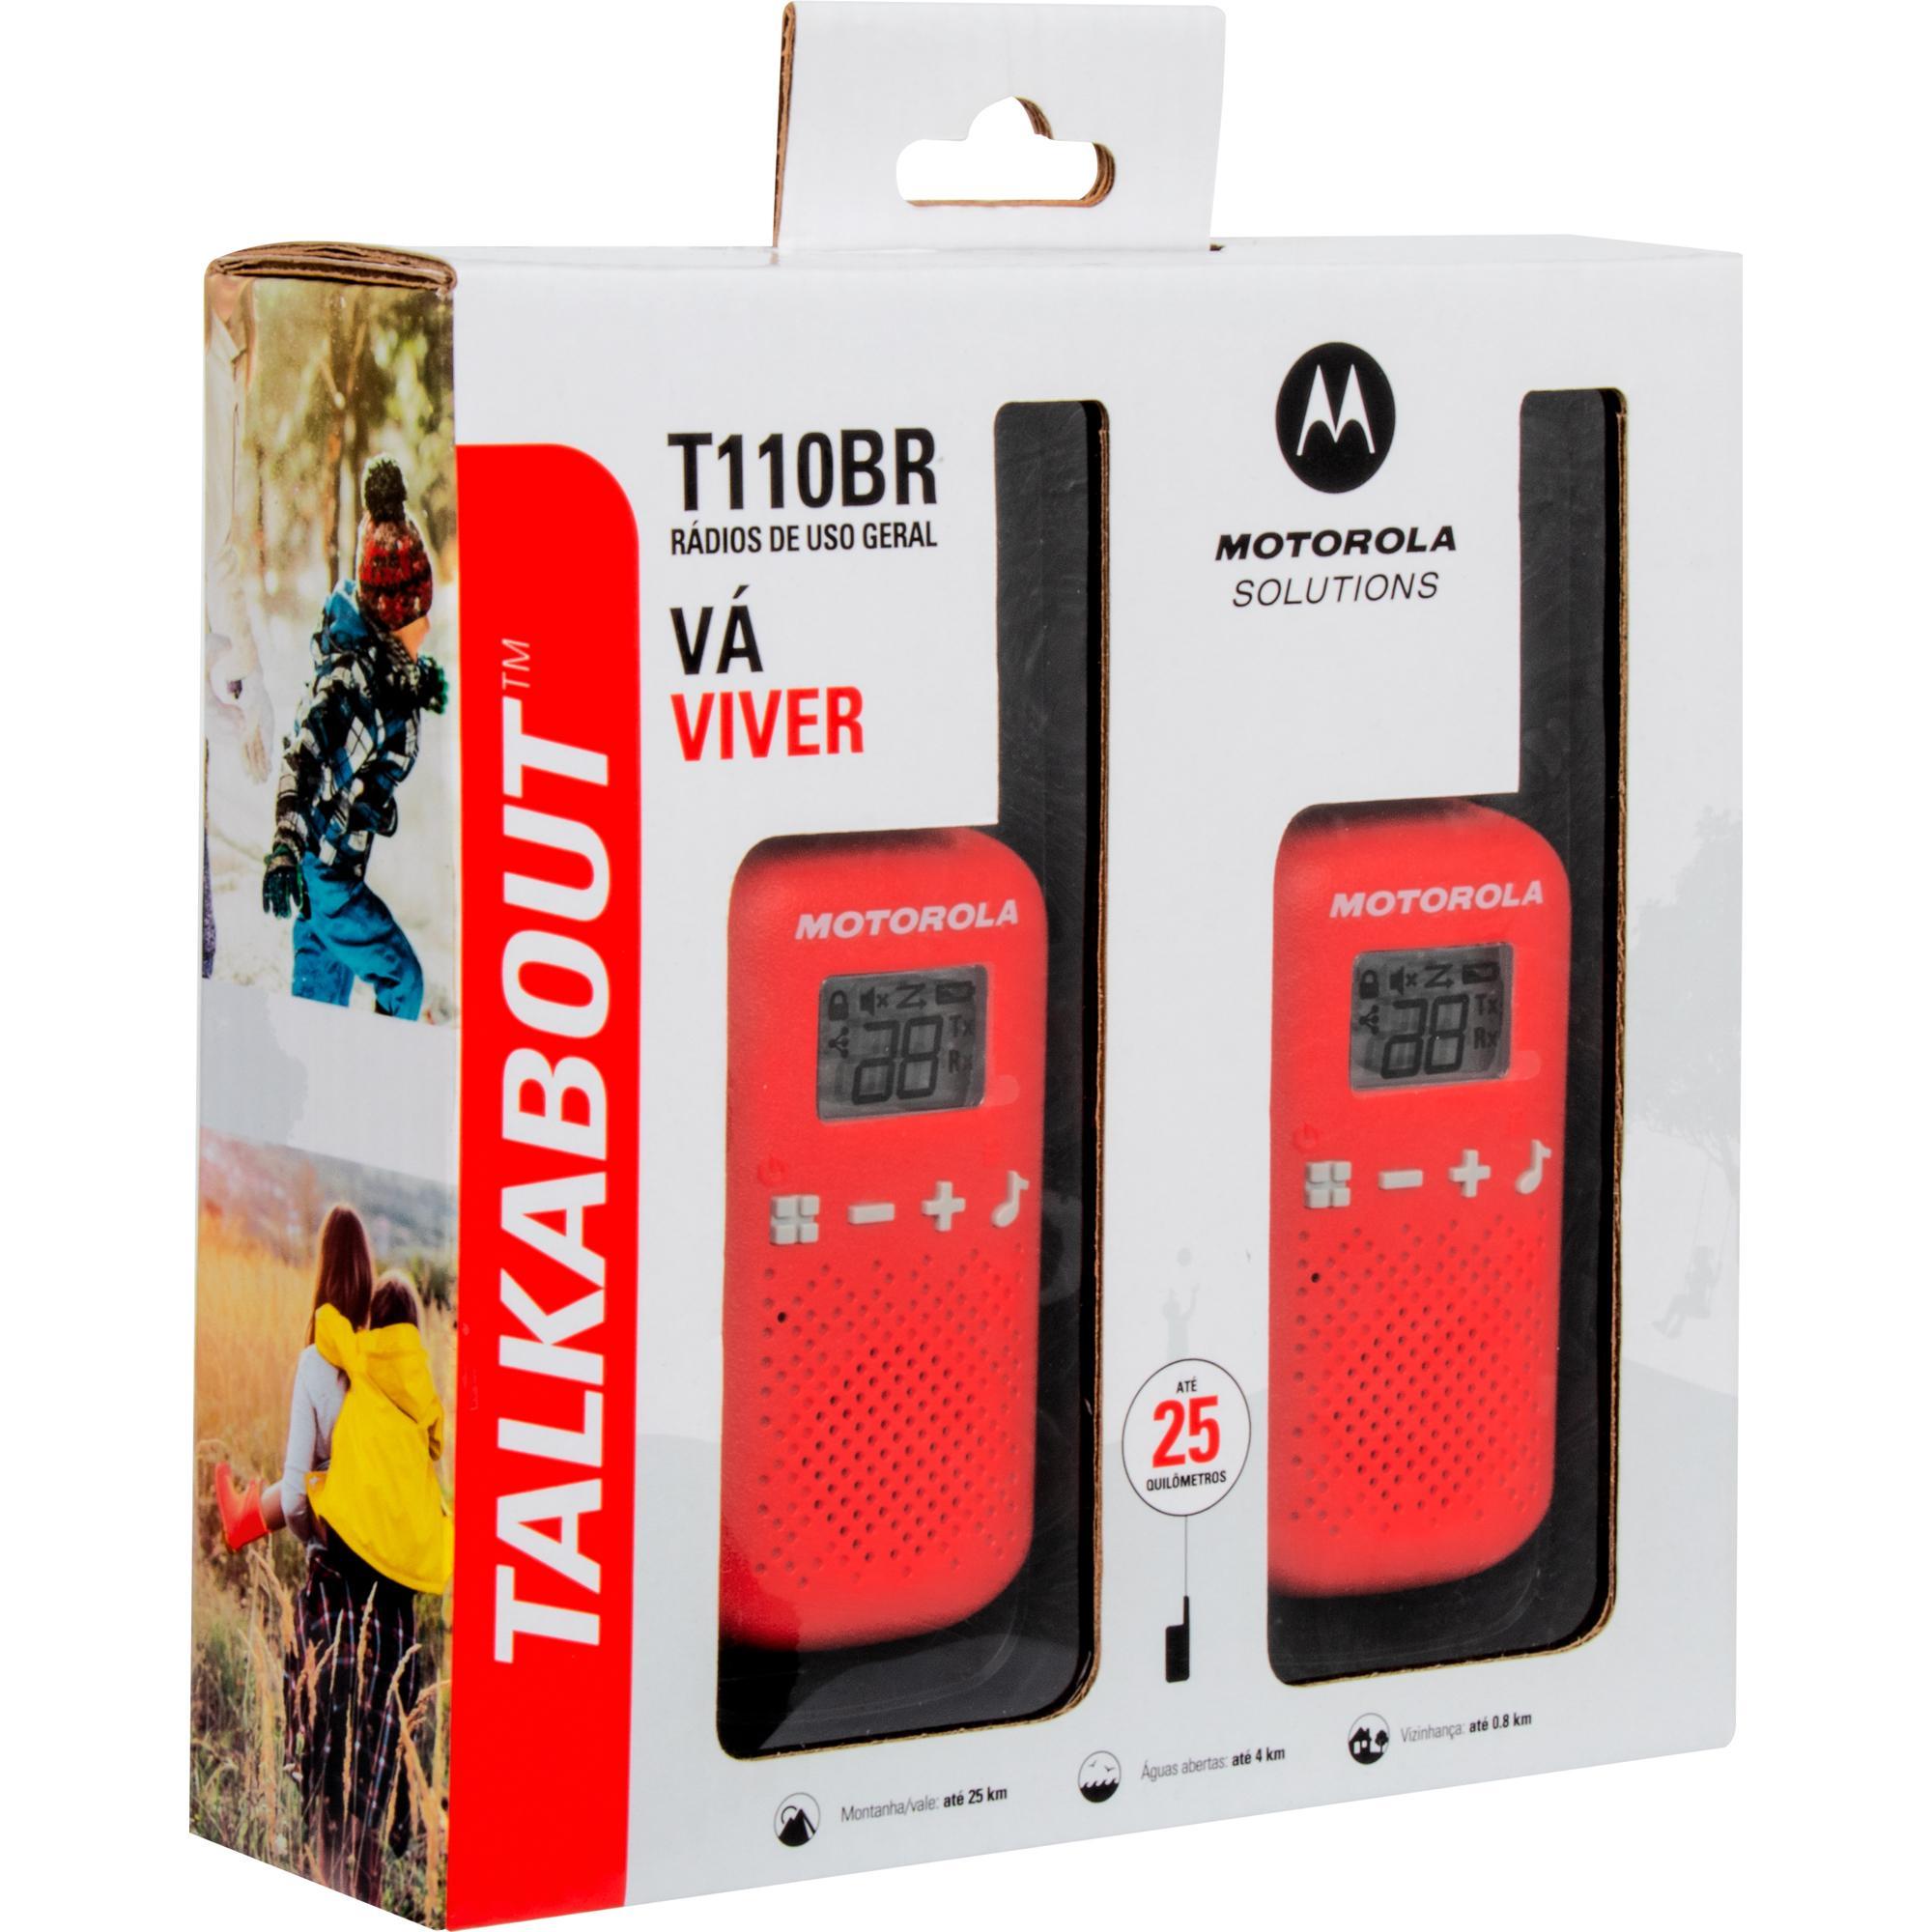 Radio Comunicador Motorola Talkabout T-110